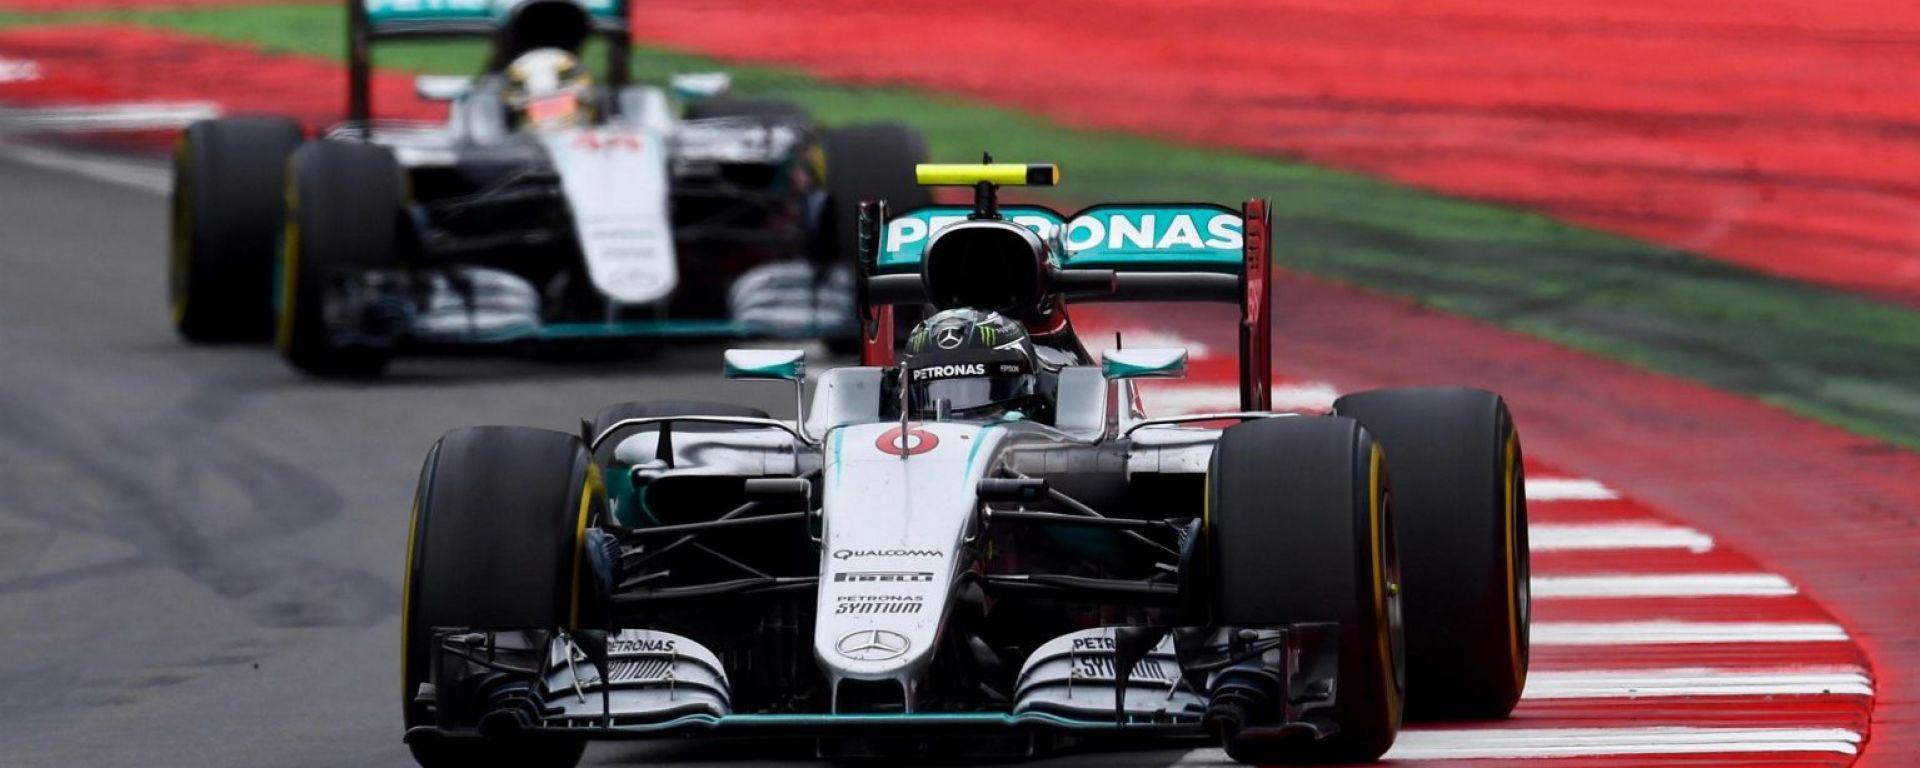 F1 Hamilton e Rosberg: già finita la tregua tra i due piloti